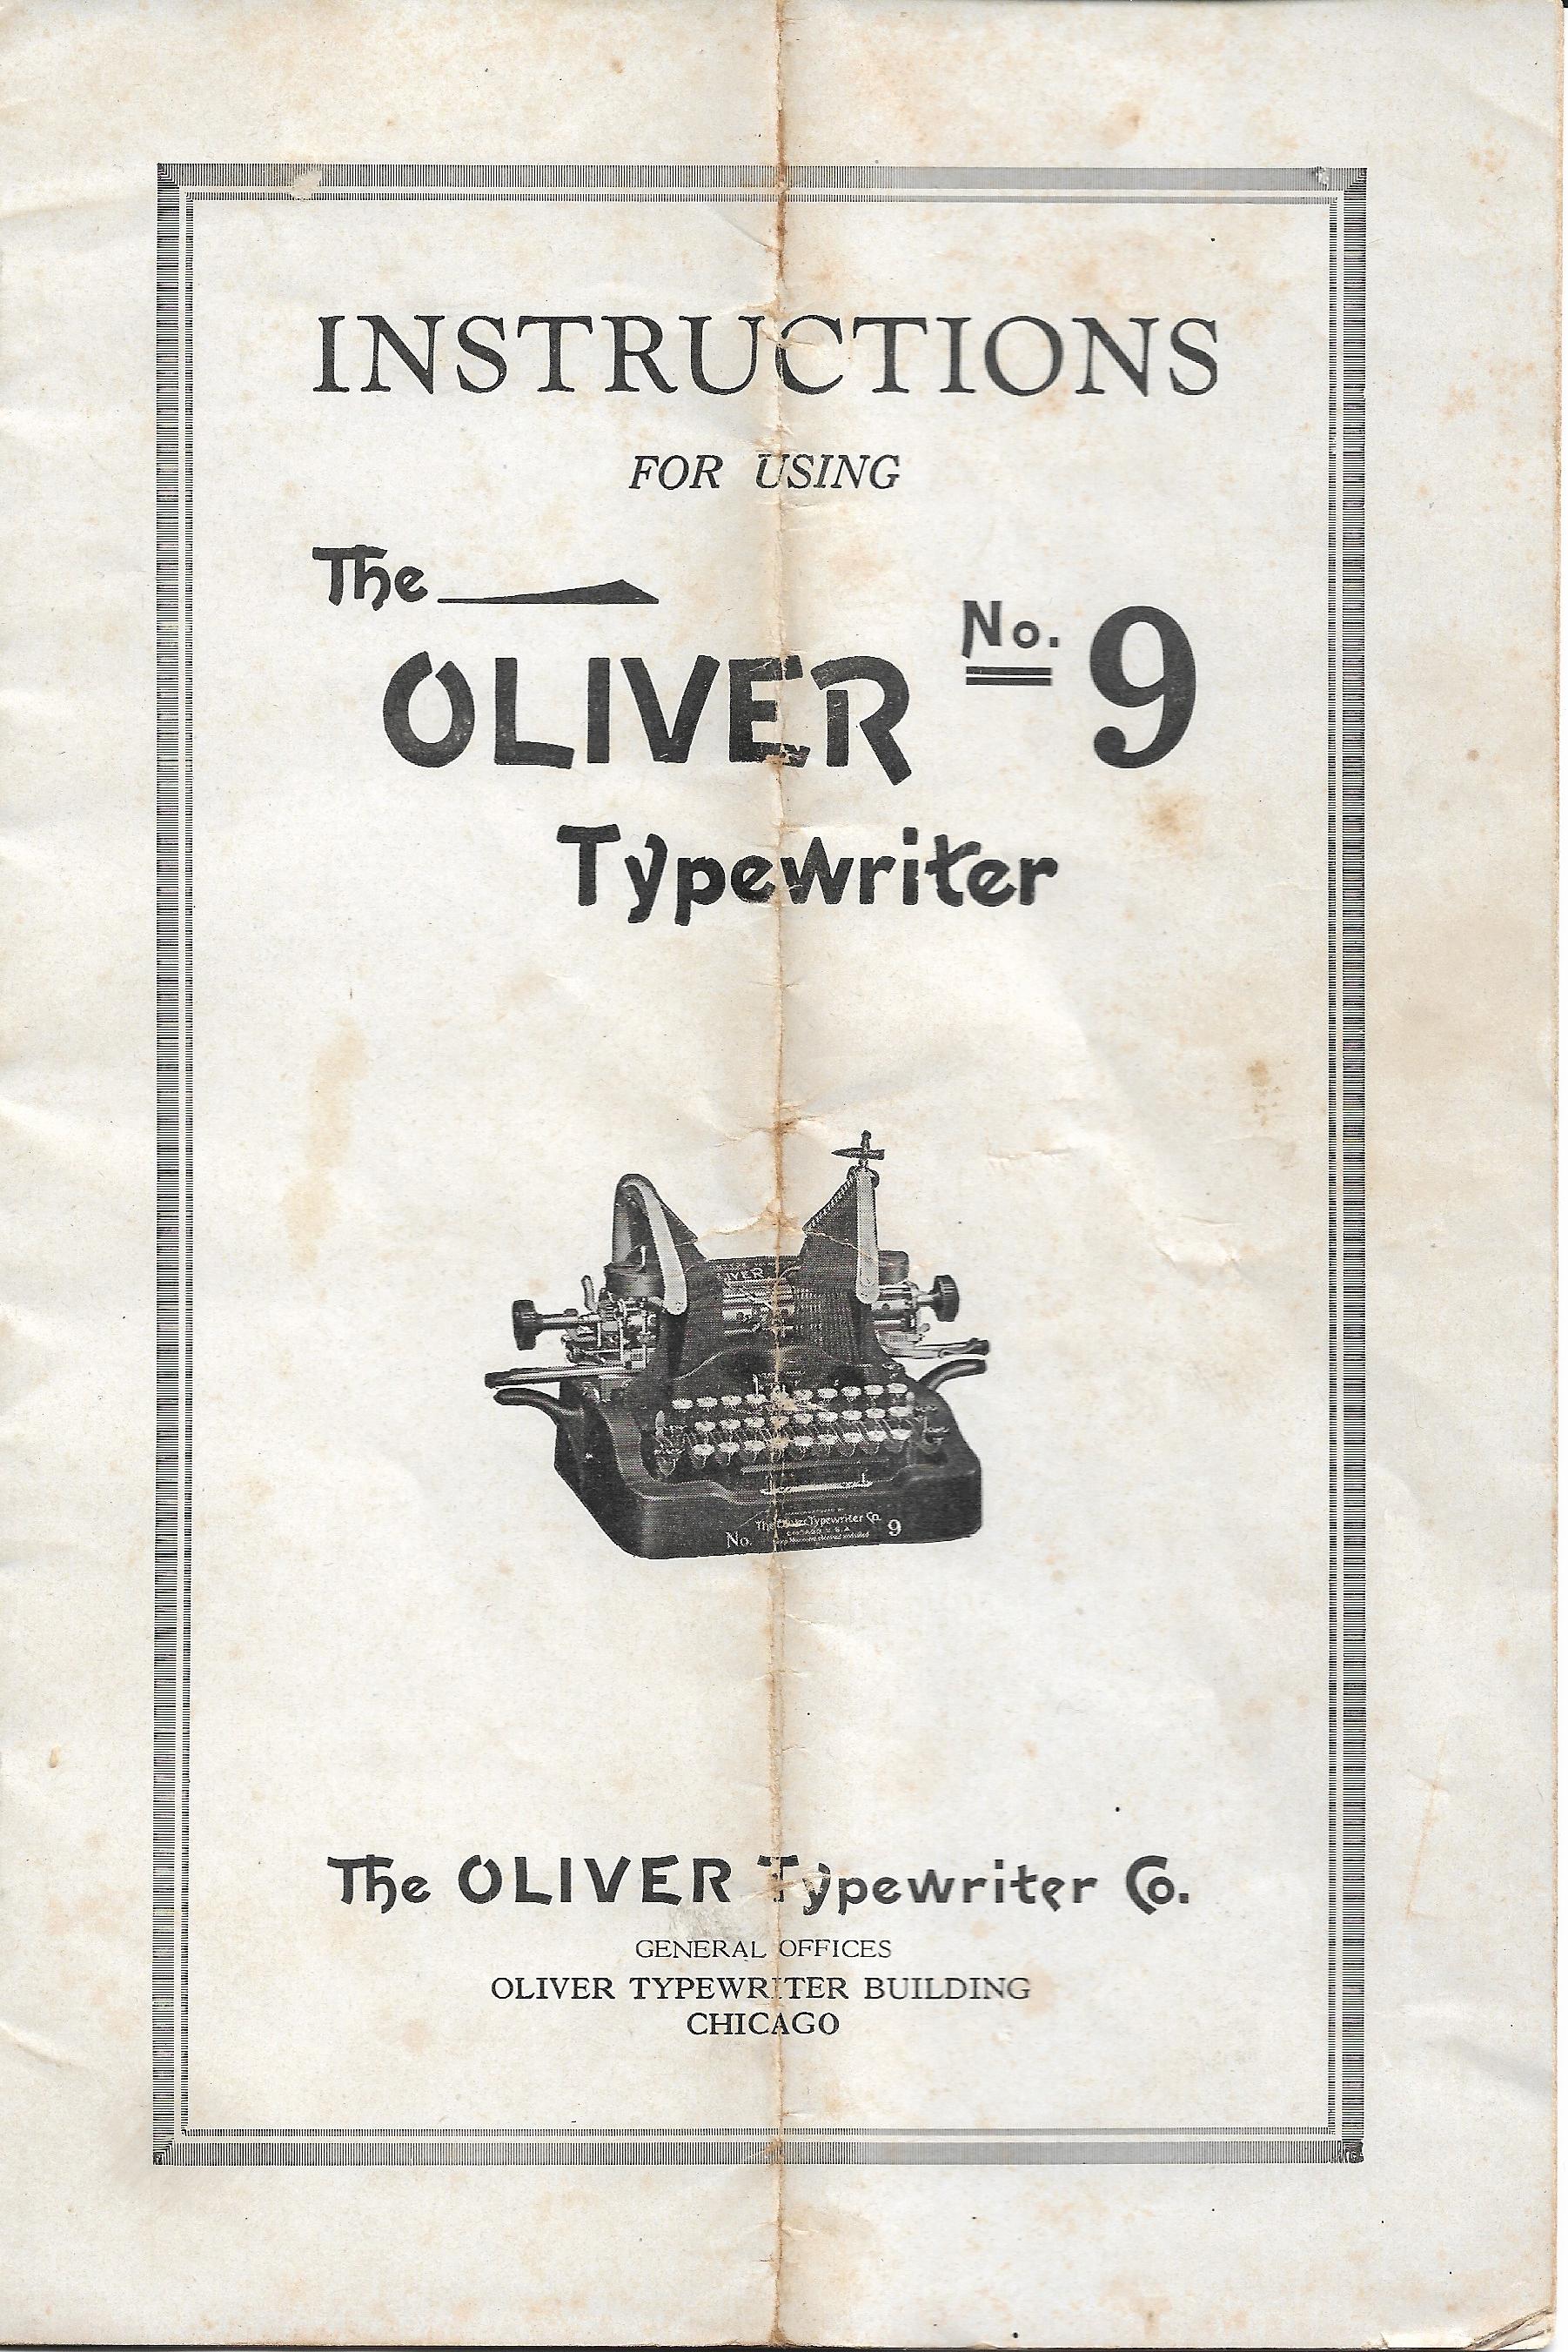 Oliver No. 9 Intstruction Manual